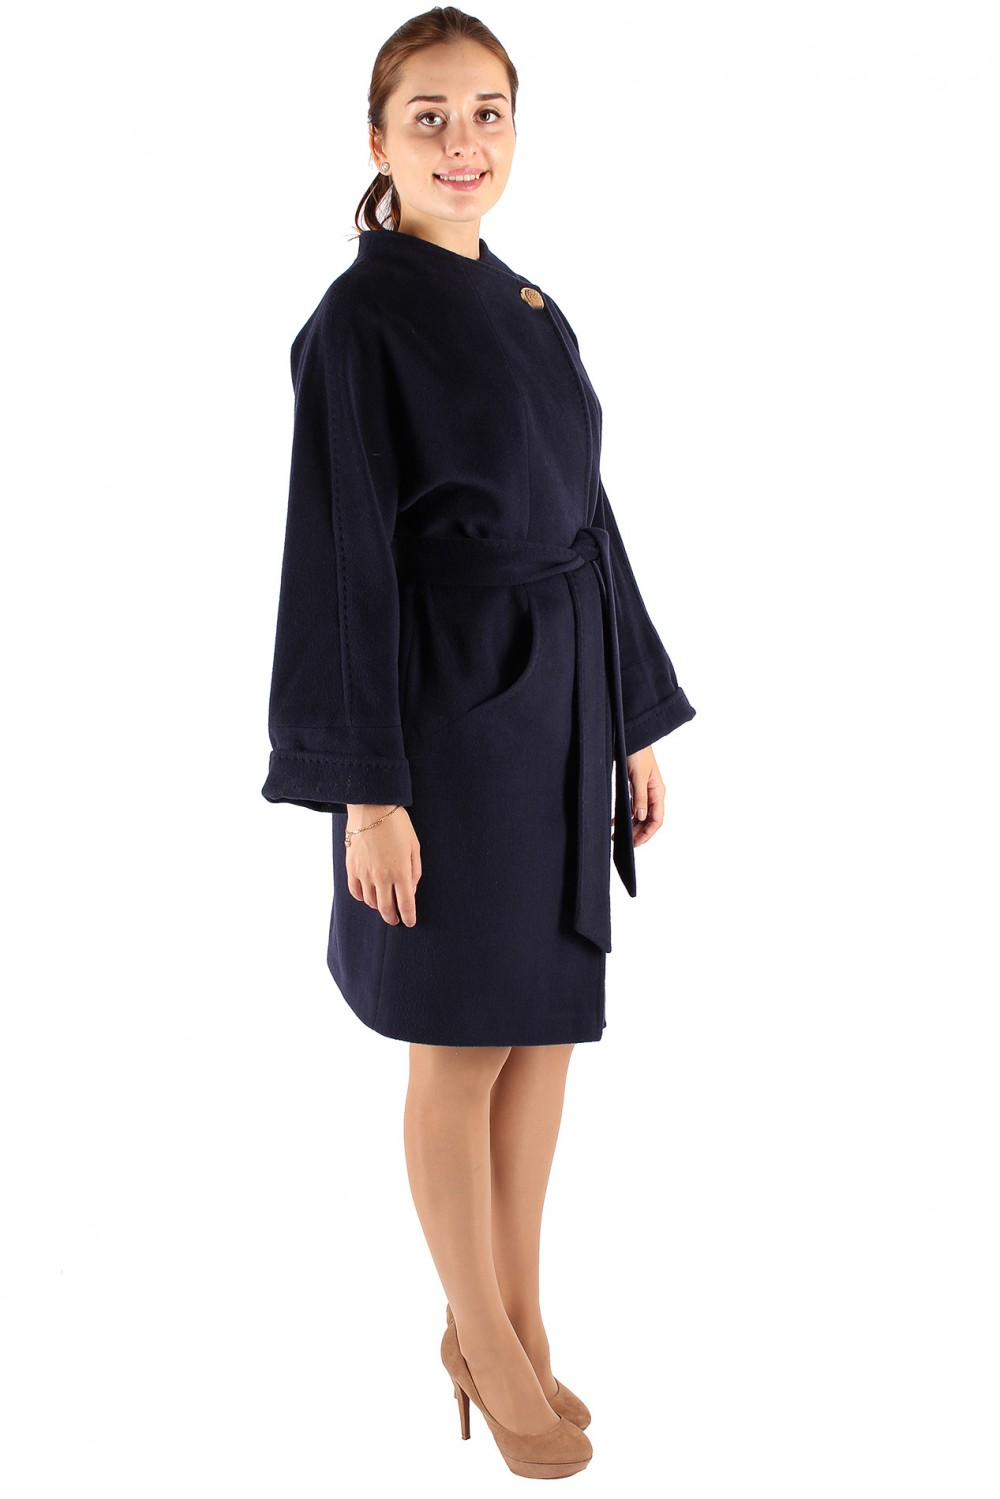 Купить оптом Пальто женское темно-синего цвета 380TS в Омске